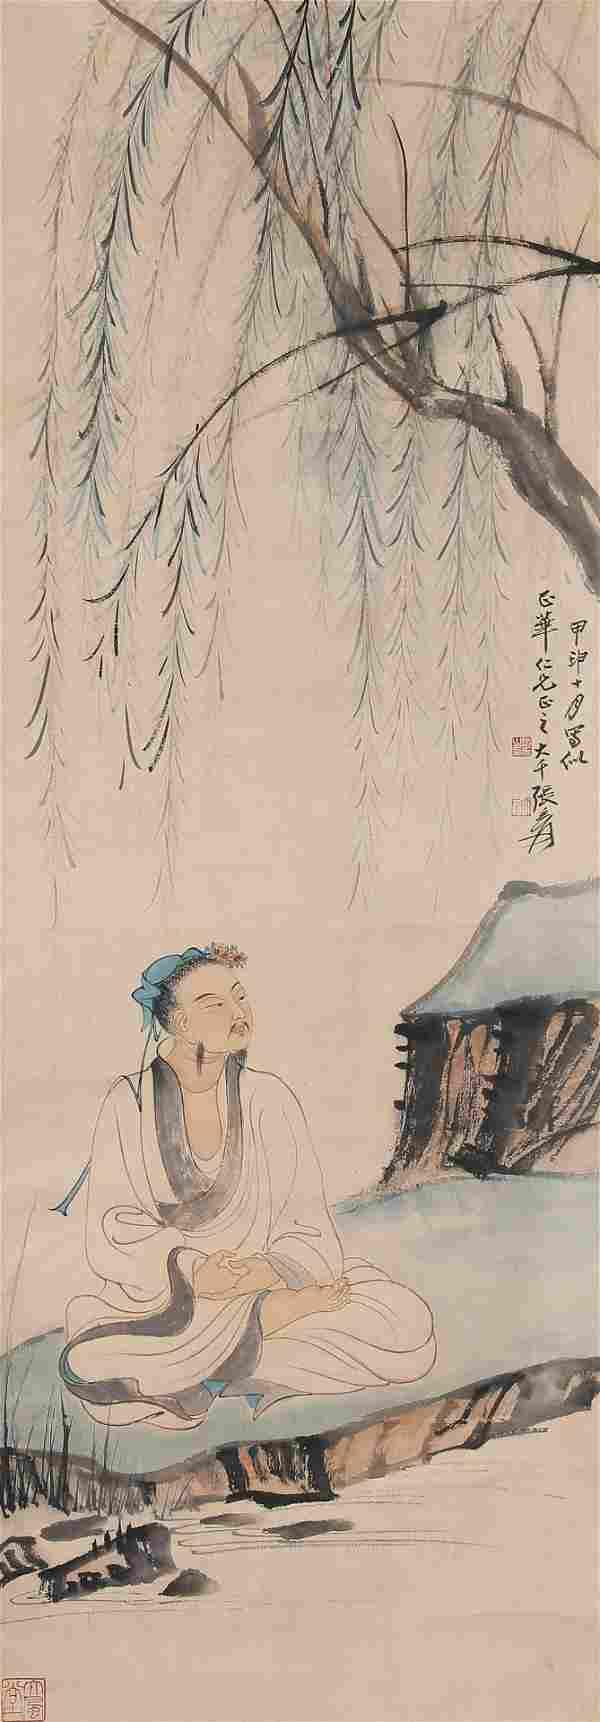 A Chinese Figure Painting, Zhang Daqian Mark